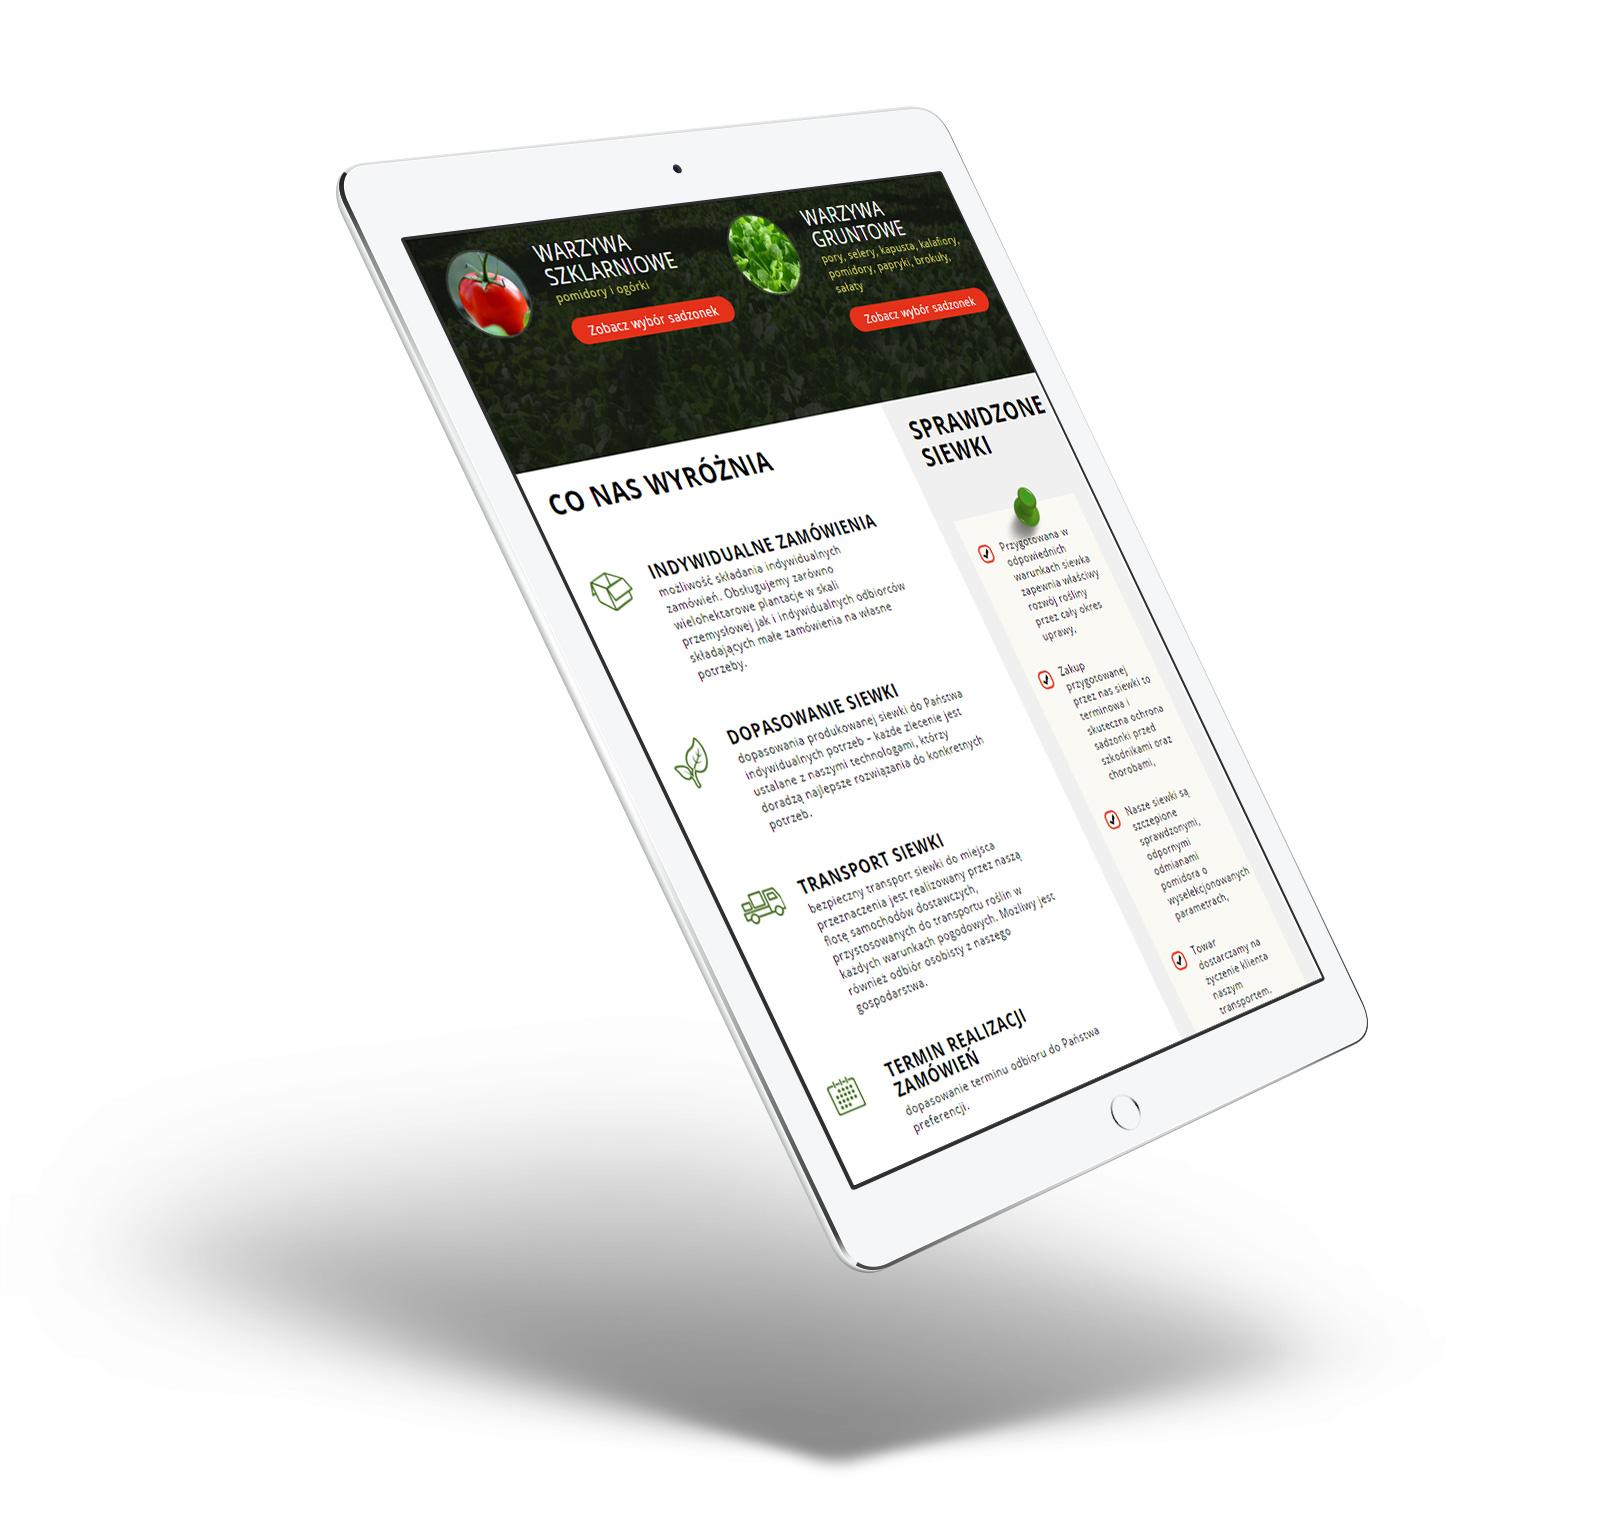 Rozsadnik.pl - strona internetowa w wersji mobilnej na tablecie